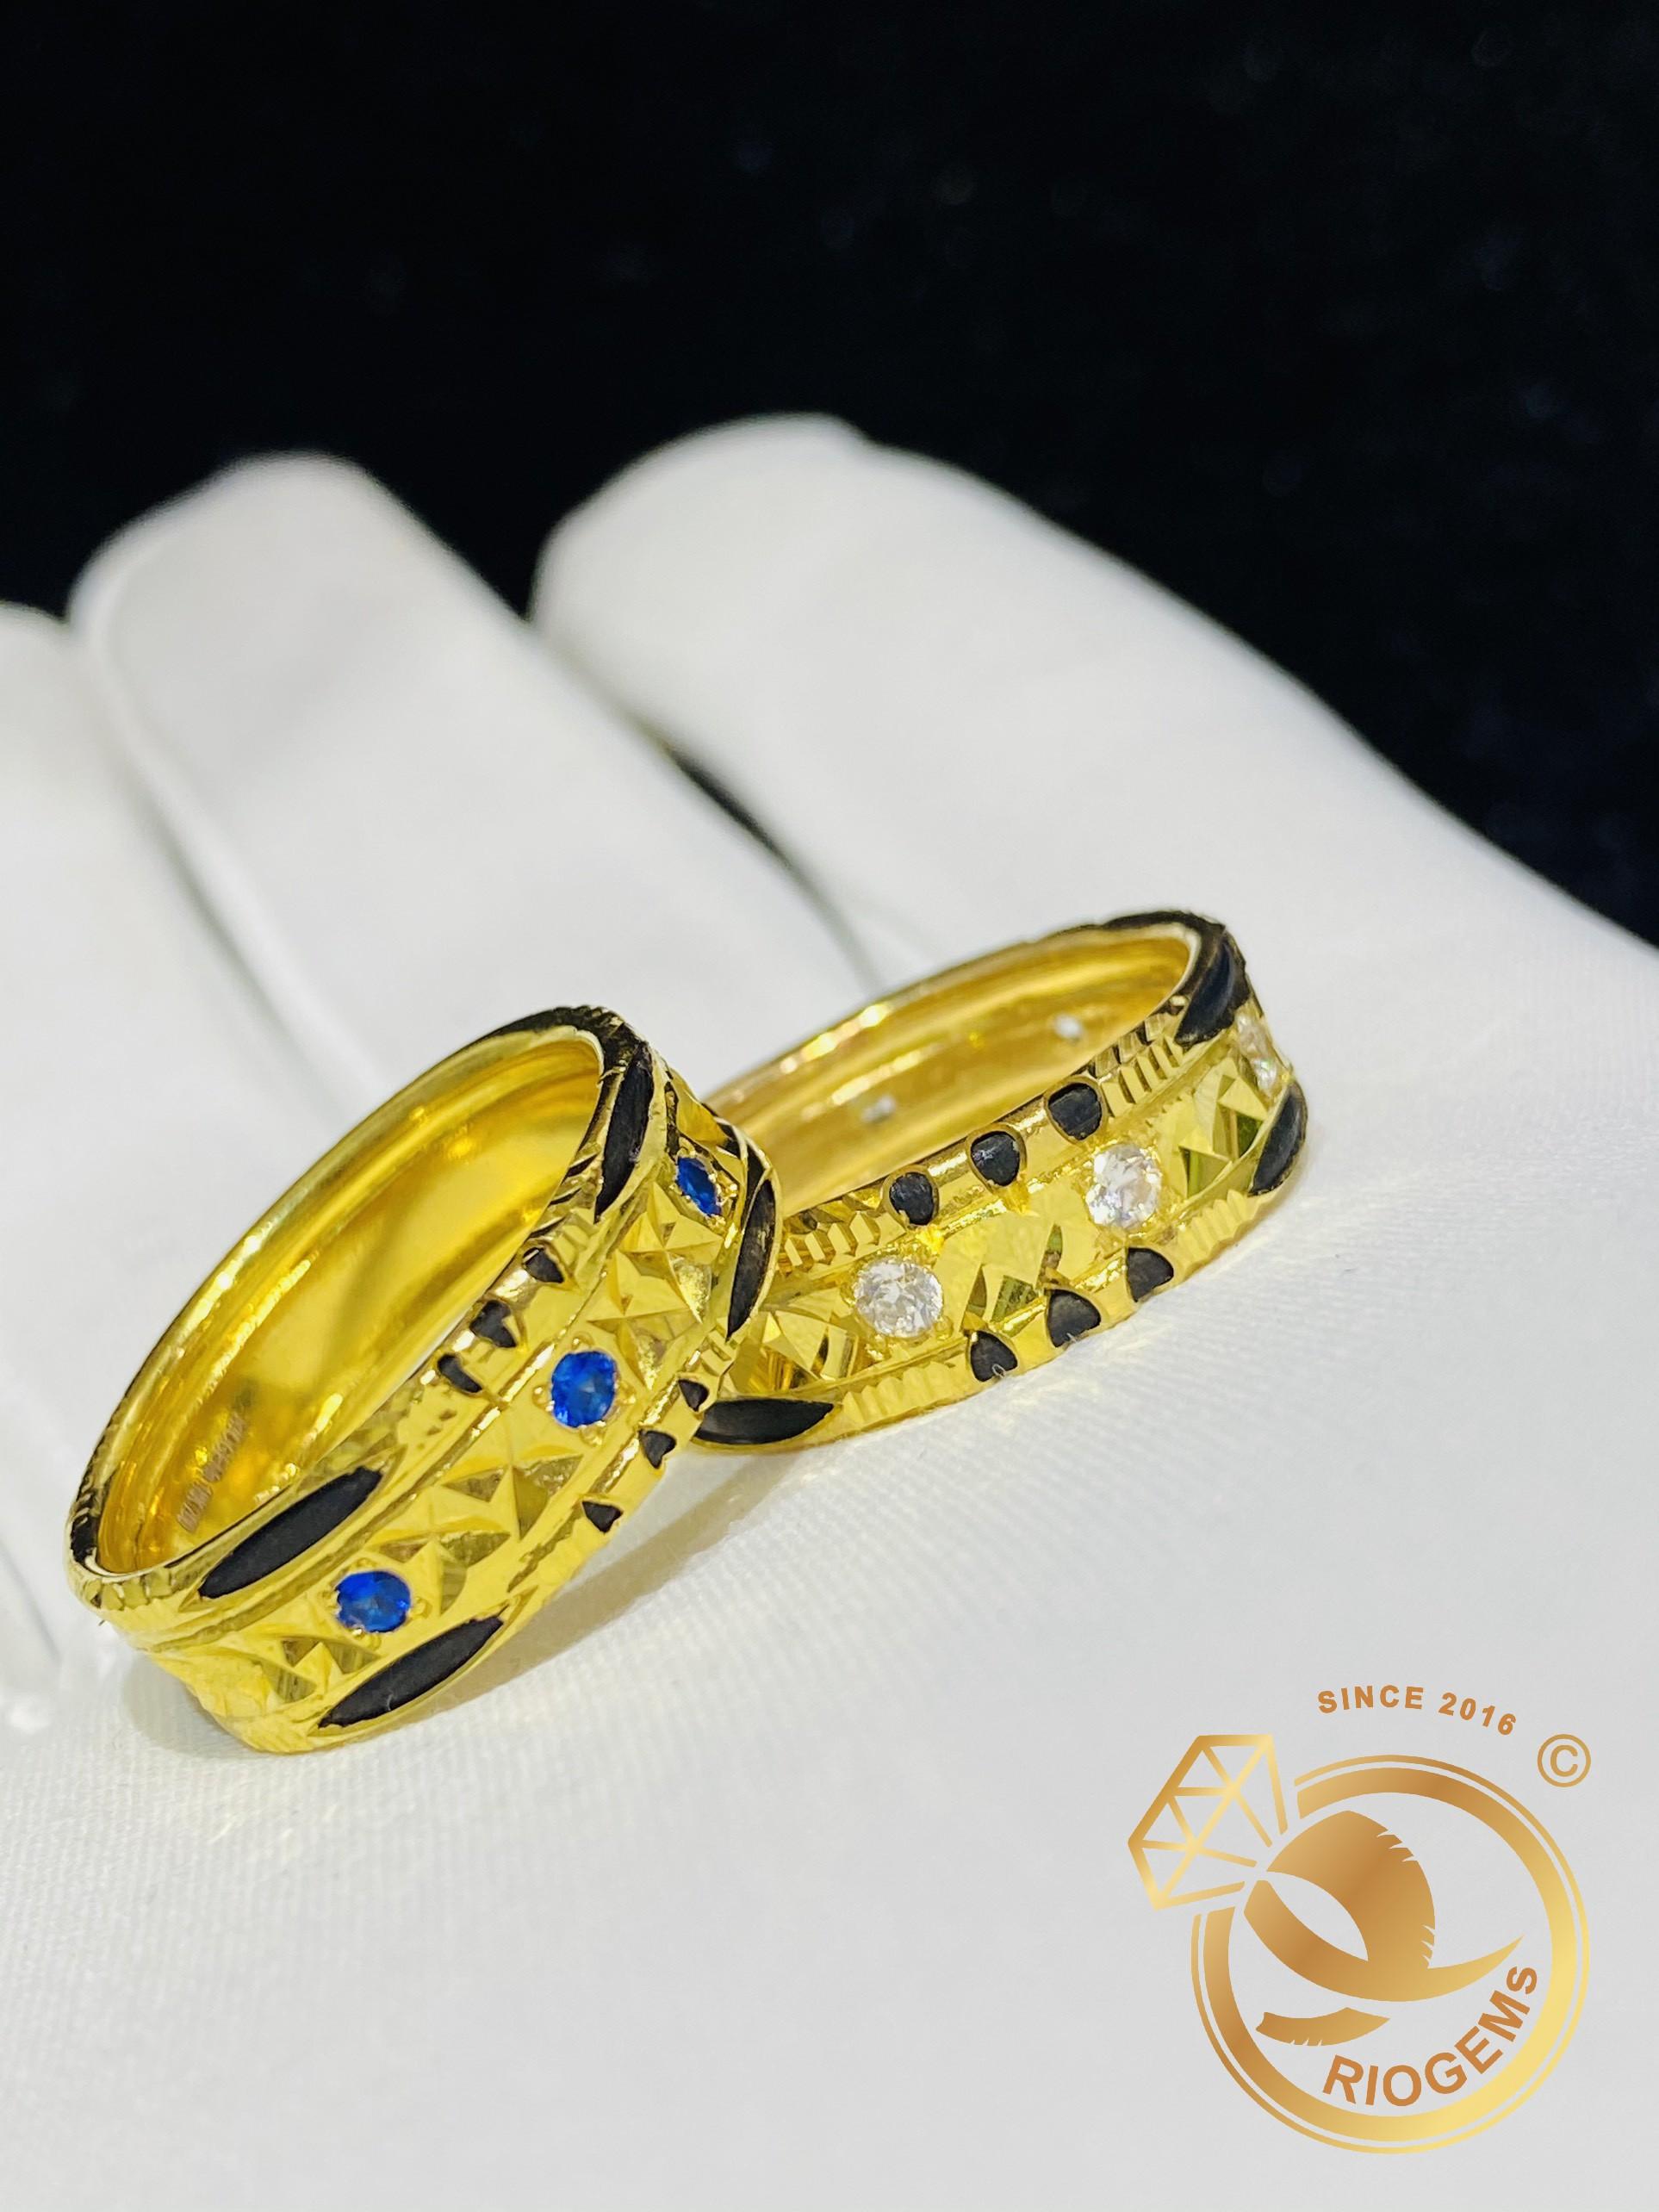 Cặp nhẫn đính đá Cz xanh dương